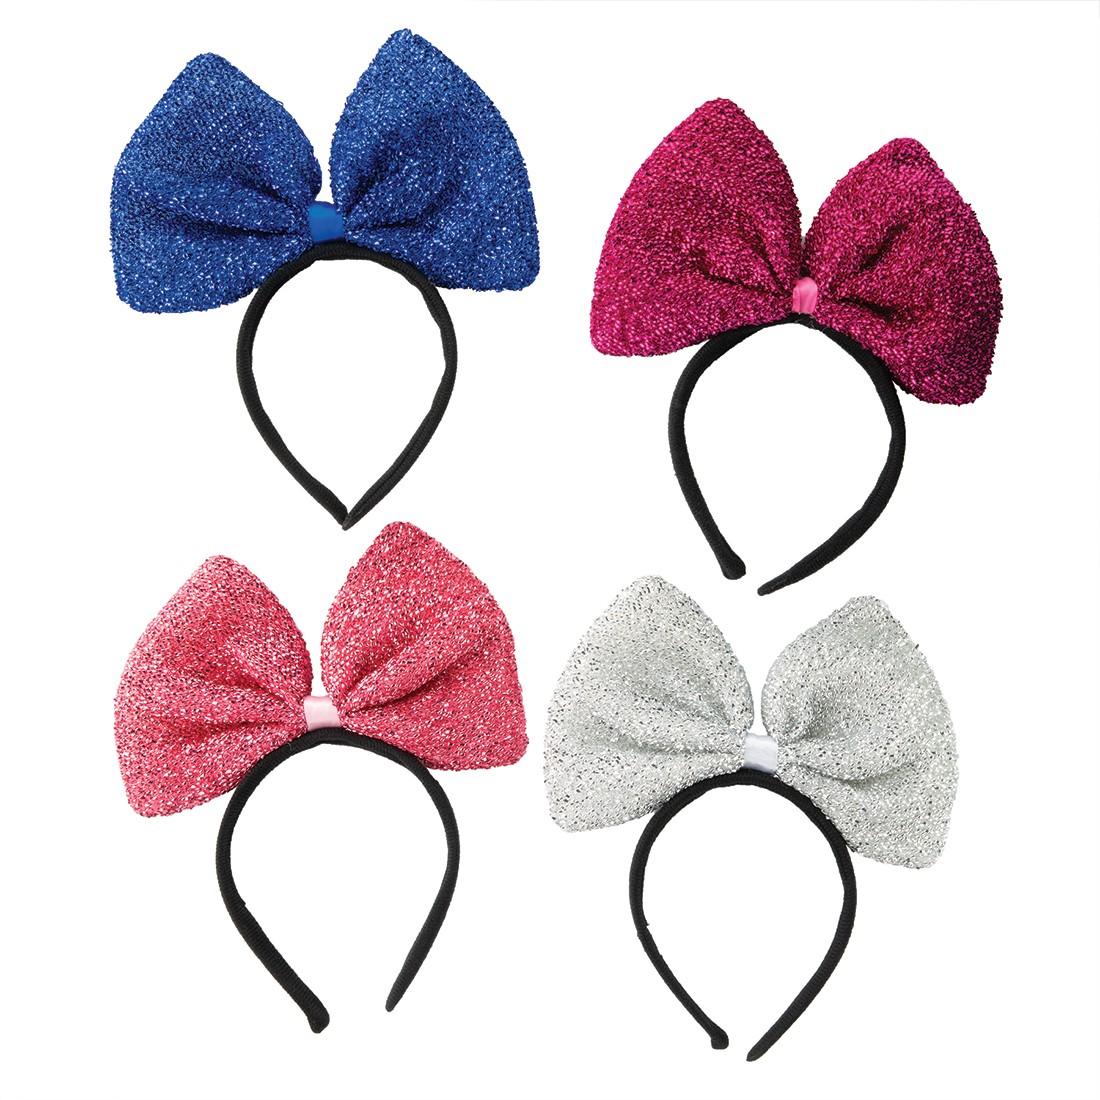 Large Bow Headbands [image]